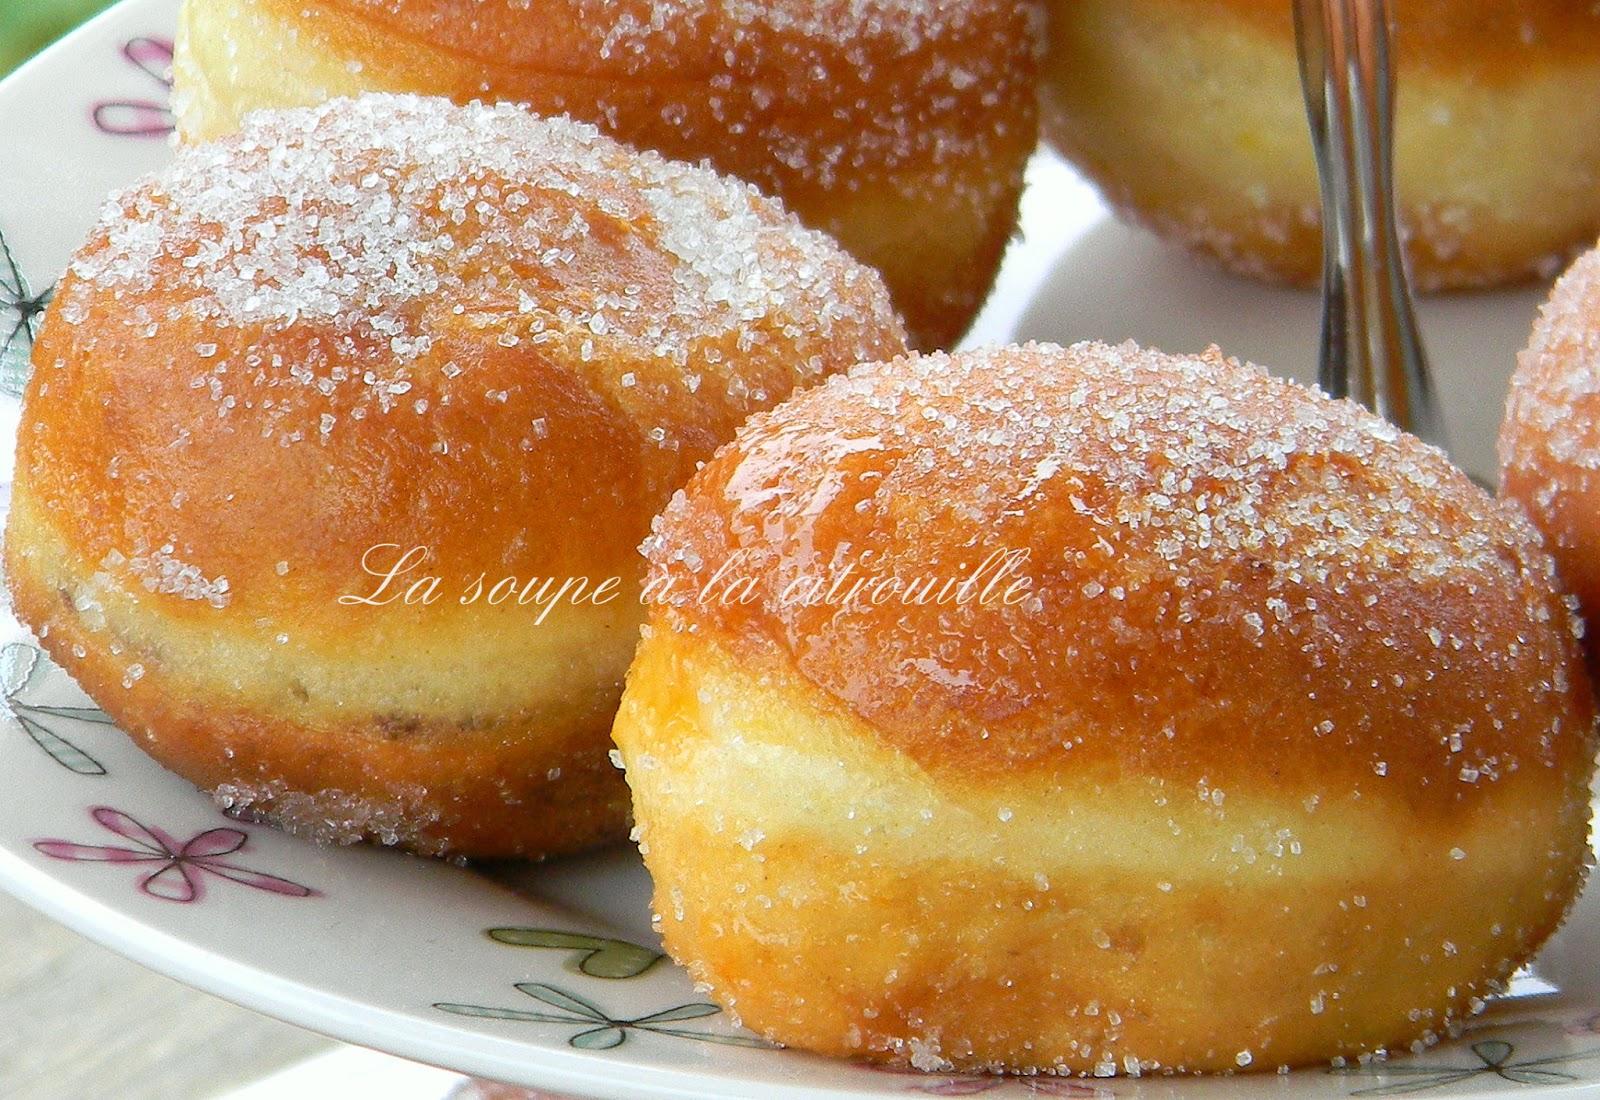 La soupe la citrouille petits beignets la confiture - Pate a beignet avec levure de boulanger ...